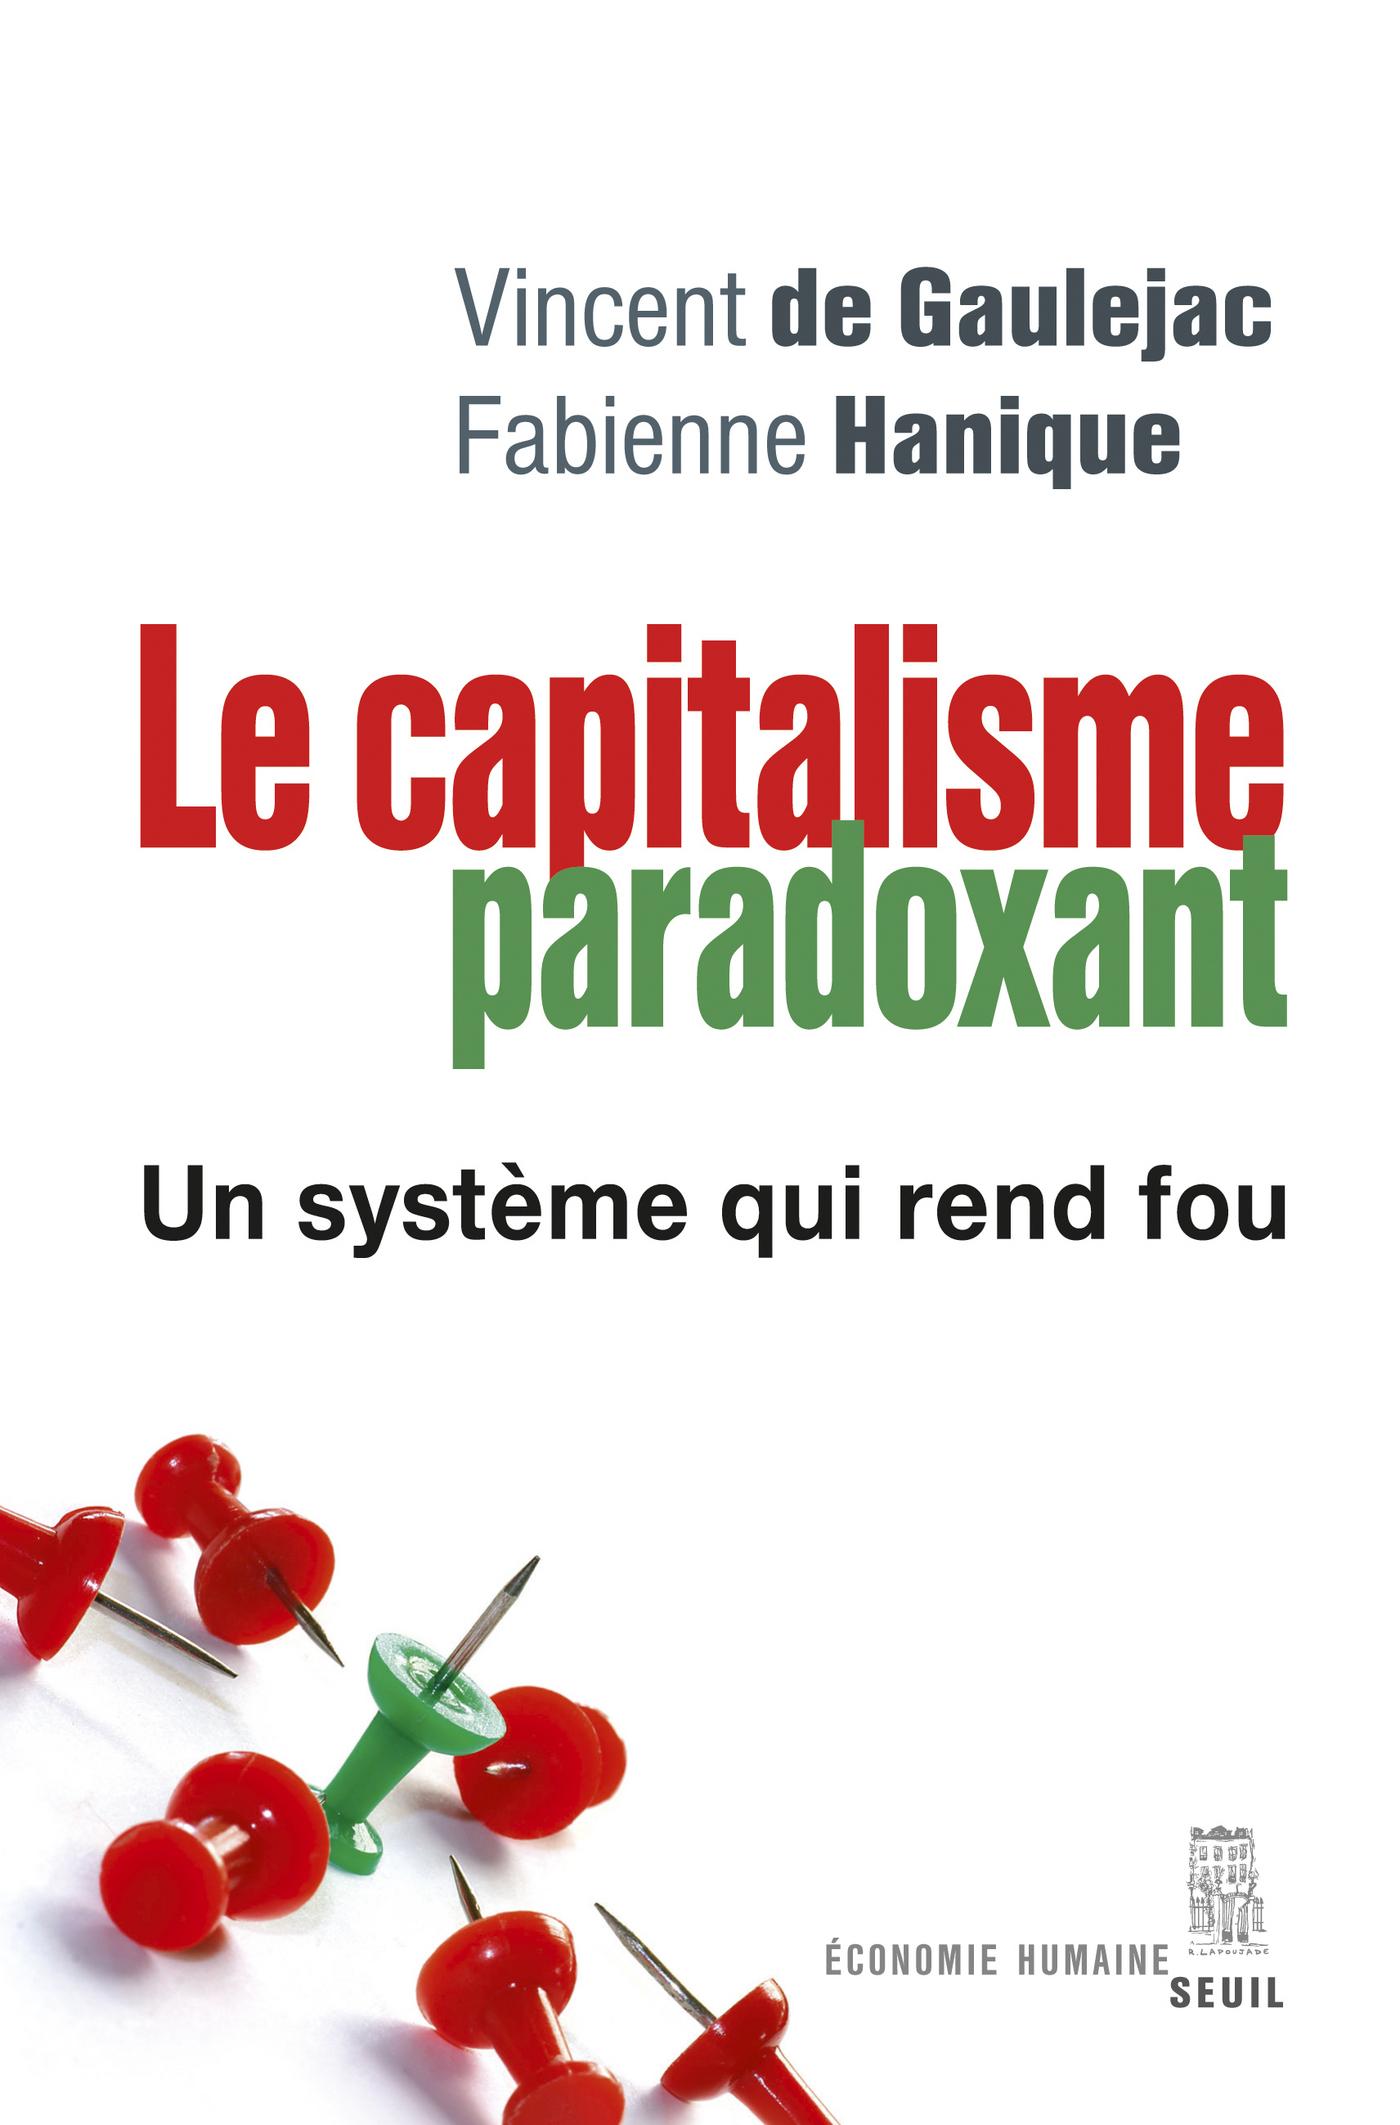 Le Capitalisme paradoxant. Un système qui rend fou